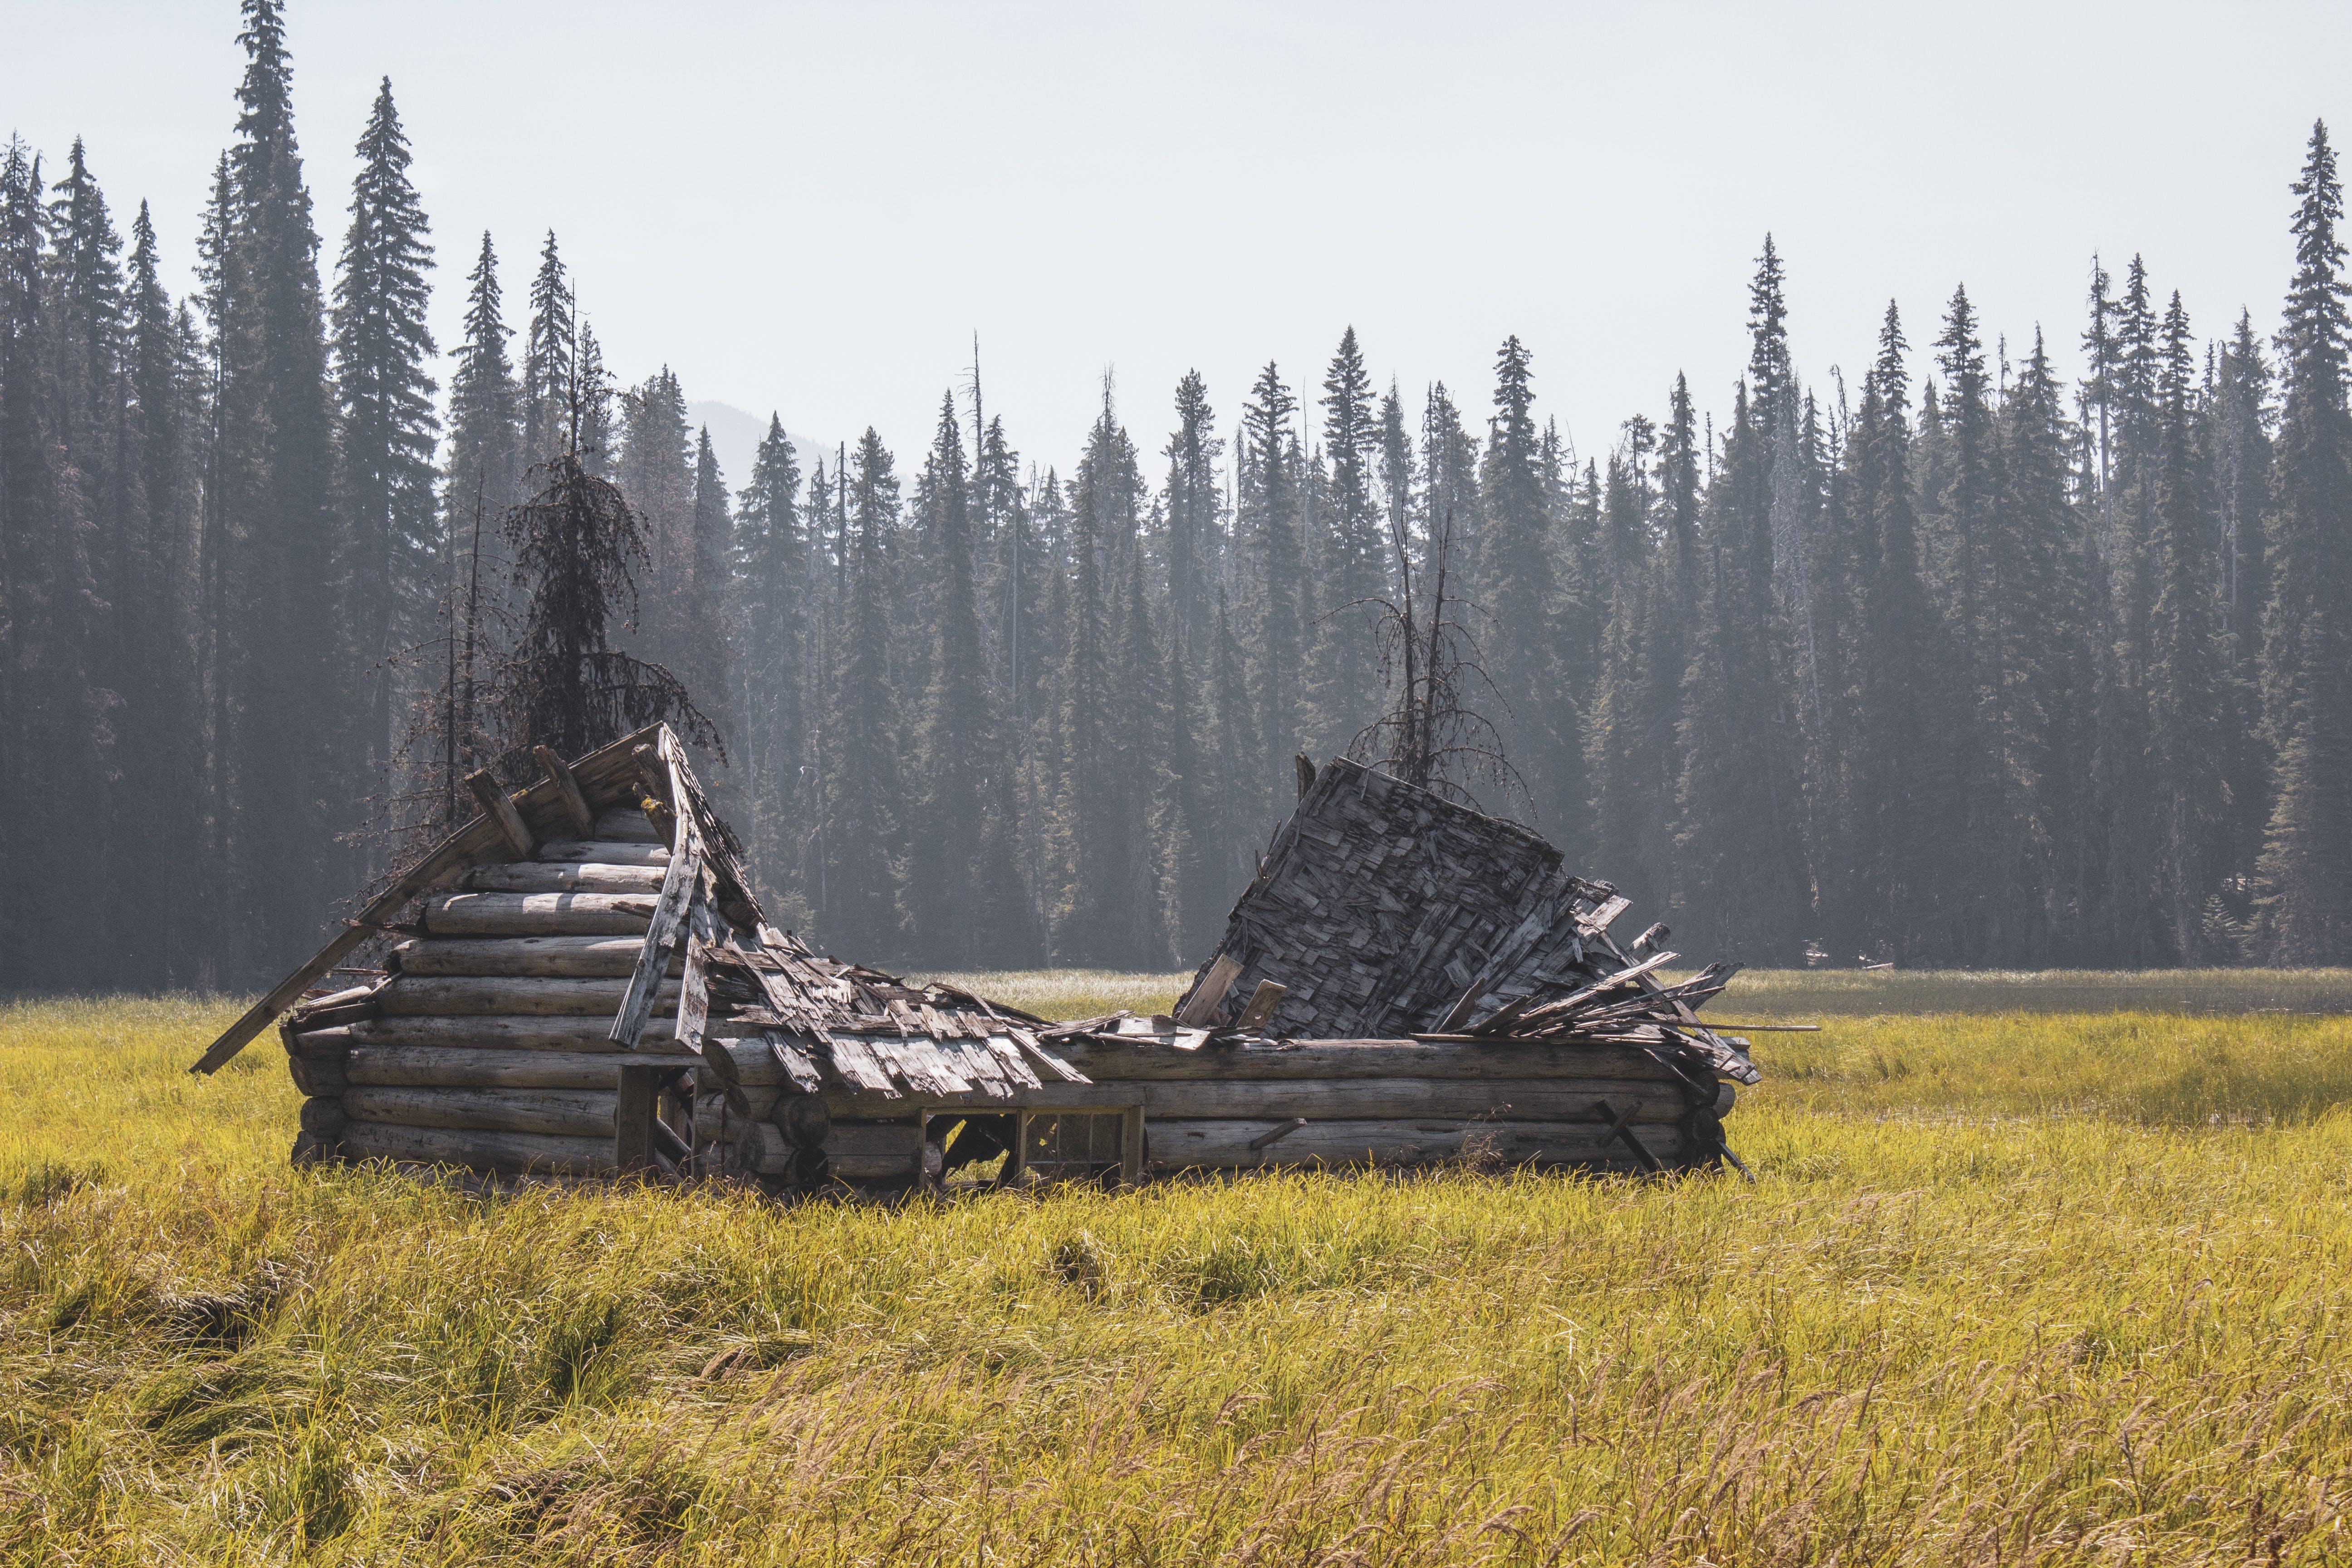 樹木, 沼澤 的 免费素材照片